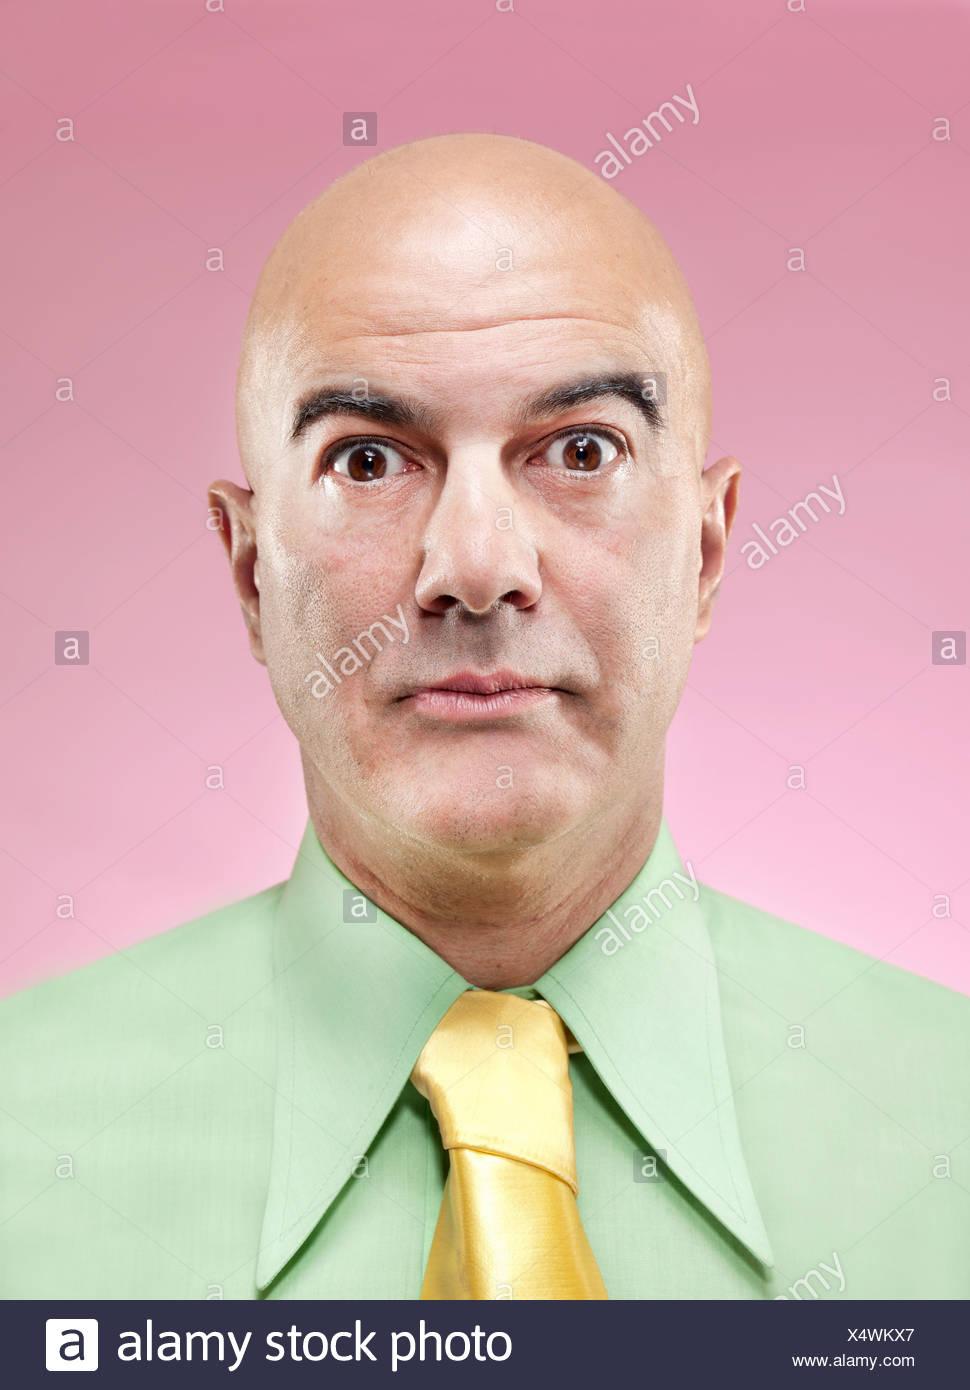 Surprised bald man - Stock Image